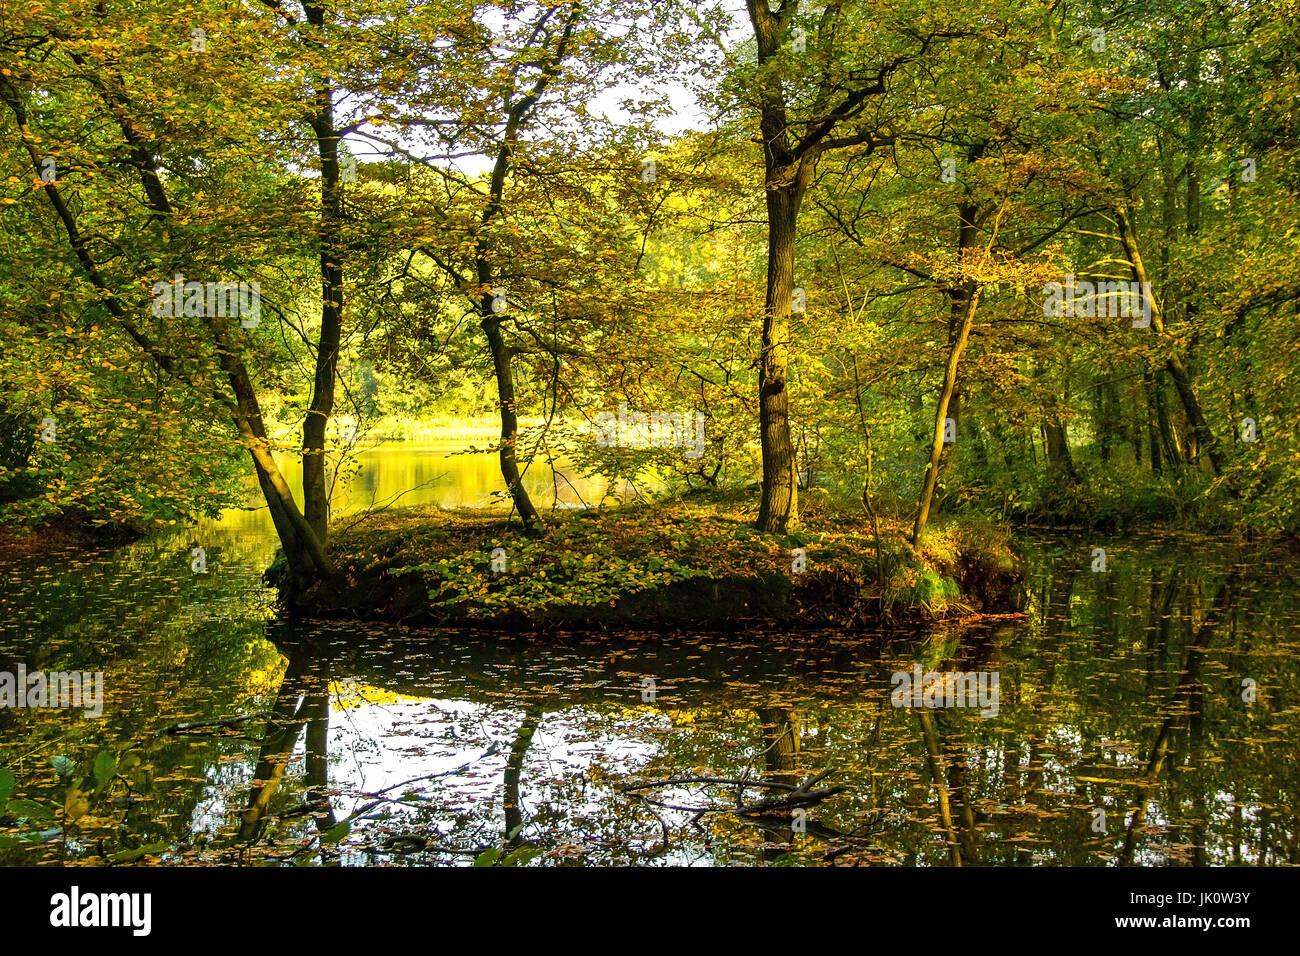 Estanque en medio de un brillante beech romper madera con comienzo otoño de coloración, weiher inmitten eines lichten buchenbruchwalds mit beginnender herbstf Foto de stock